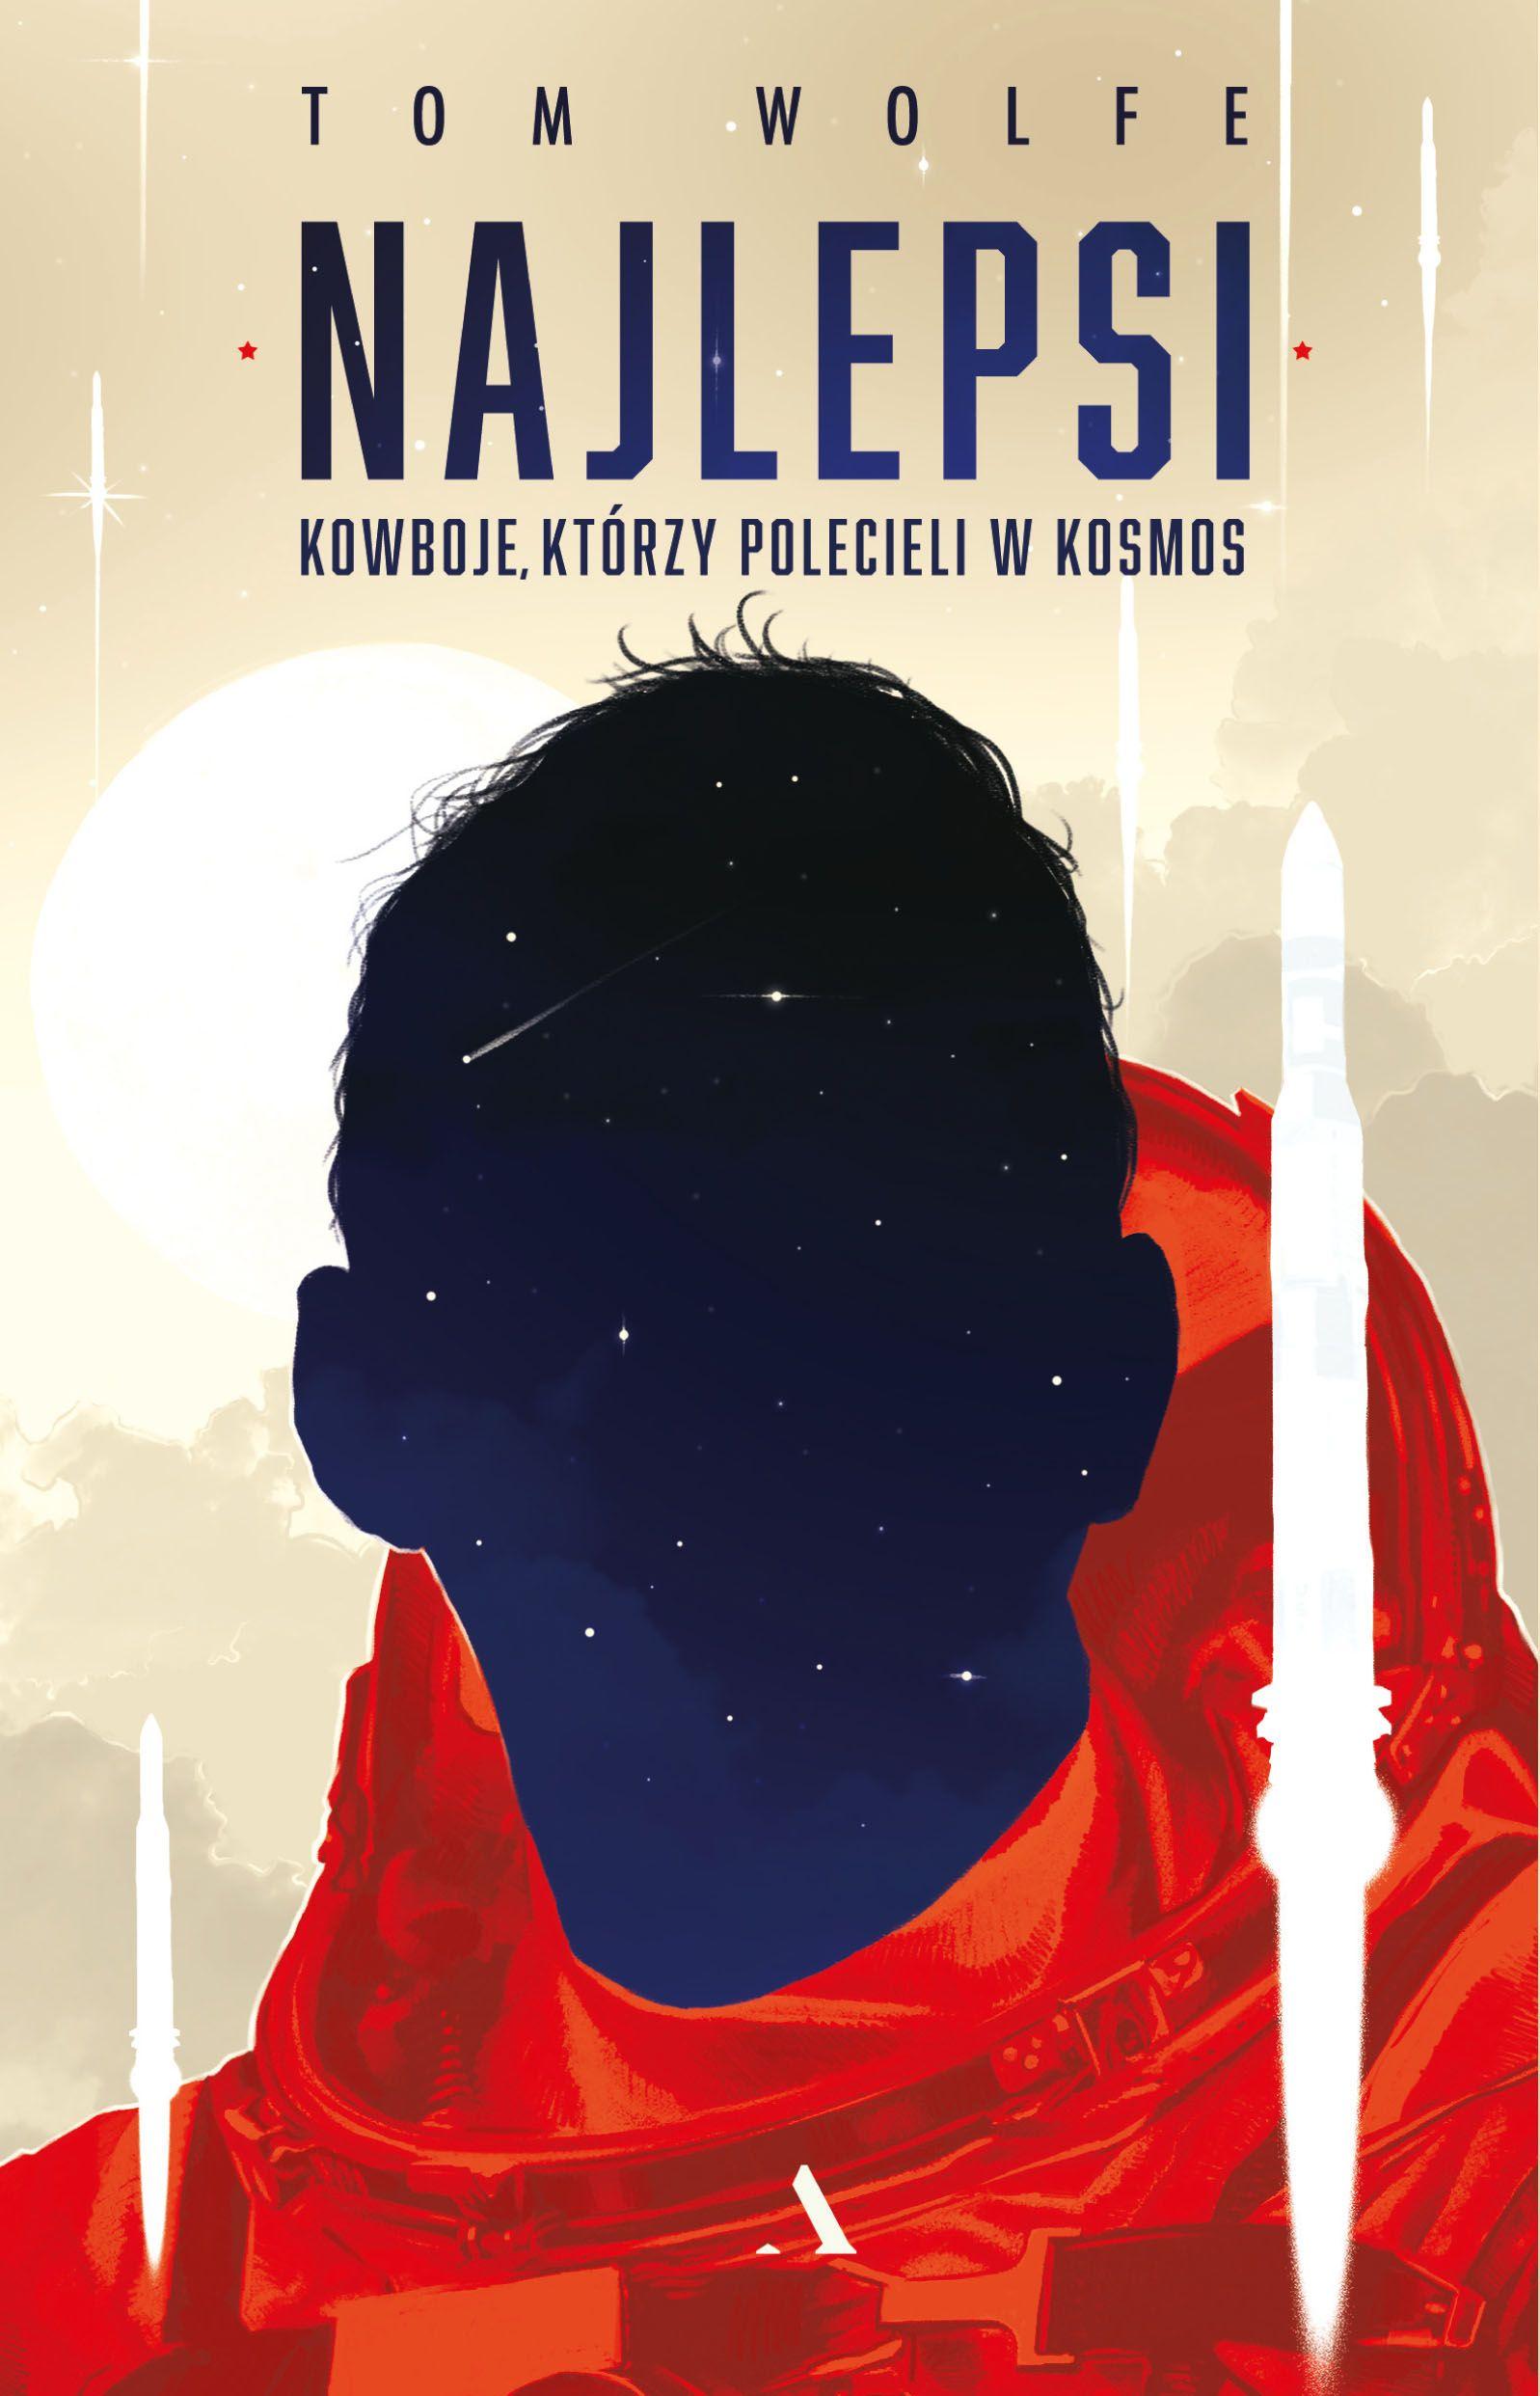 """Inspiracją do napisania artykułu była książka Toma Wolfe'go """"Najlepsi. Kowboje, którzy polecieli w kosmos"""" (Agora 2018), opowiadająca o początkach programów kosmicznych i NASA."""